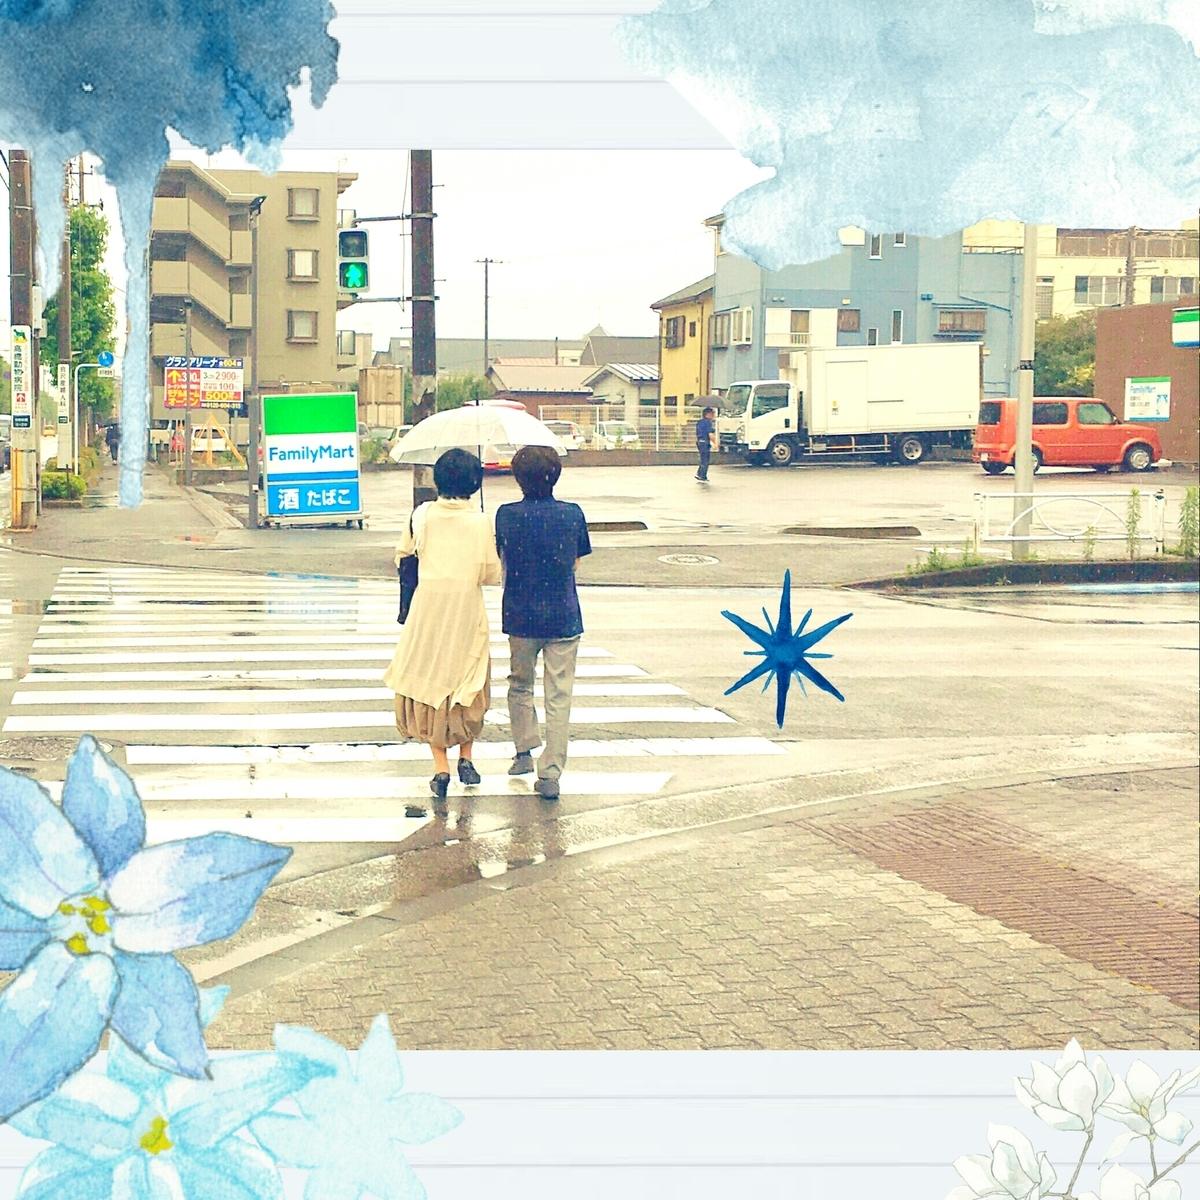 f:id:oyamadoka:20190627011516j:plain